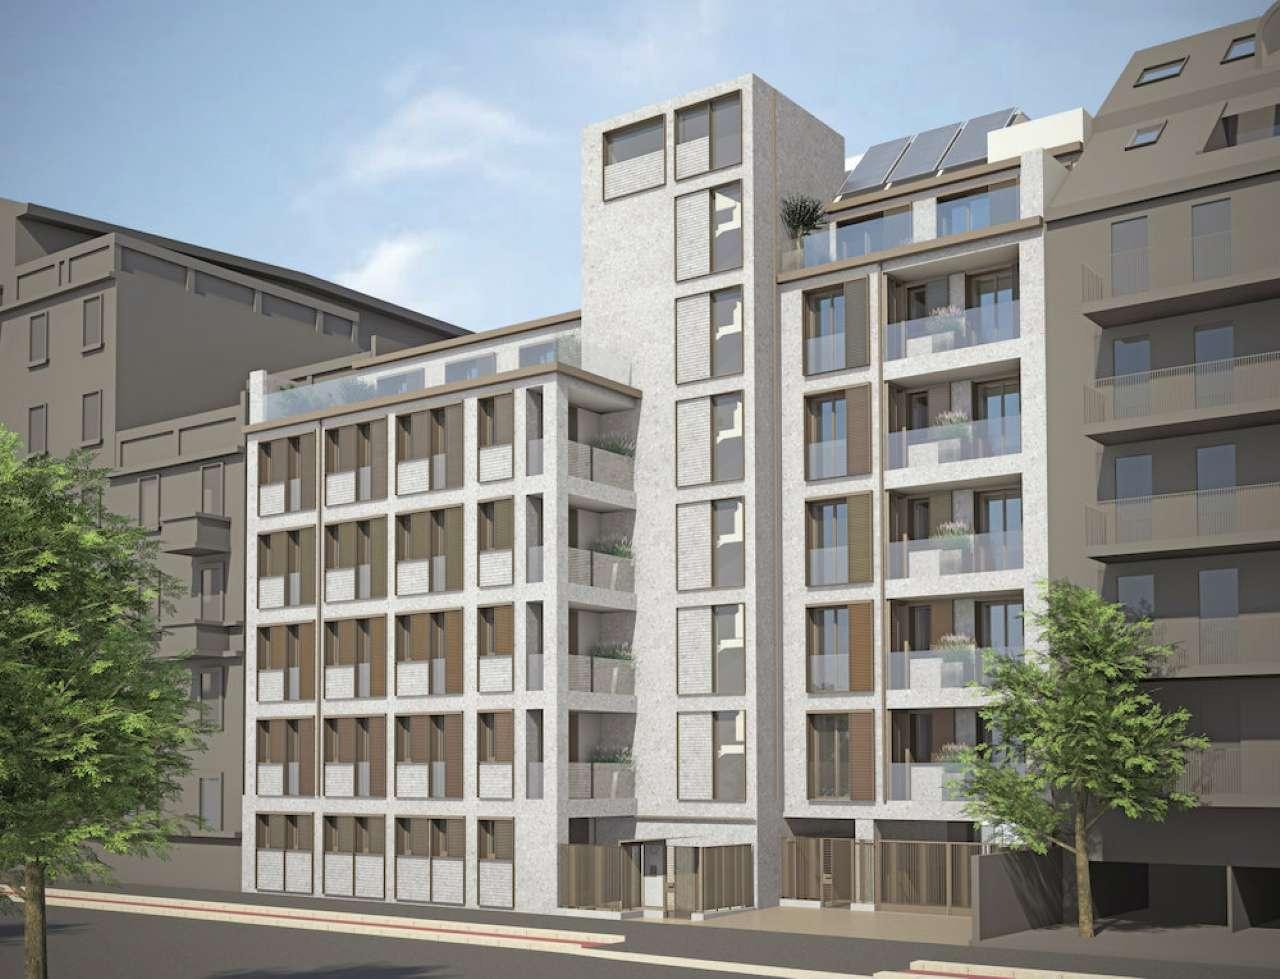 Case appartamenti immobili in vendita e affitto for Appartamenti in vendita a milano